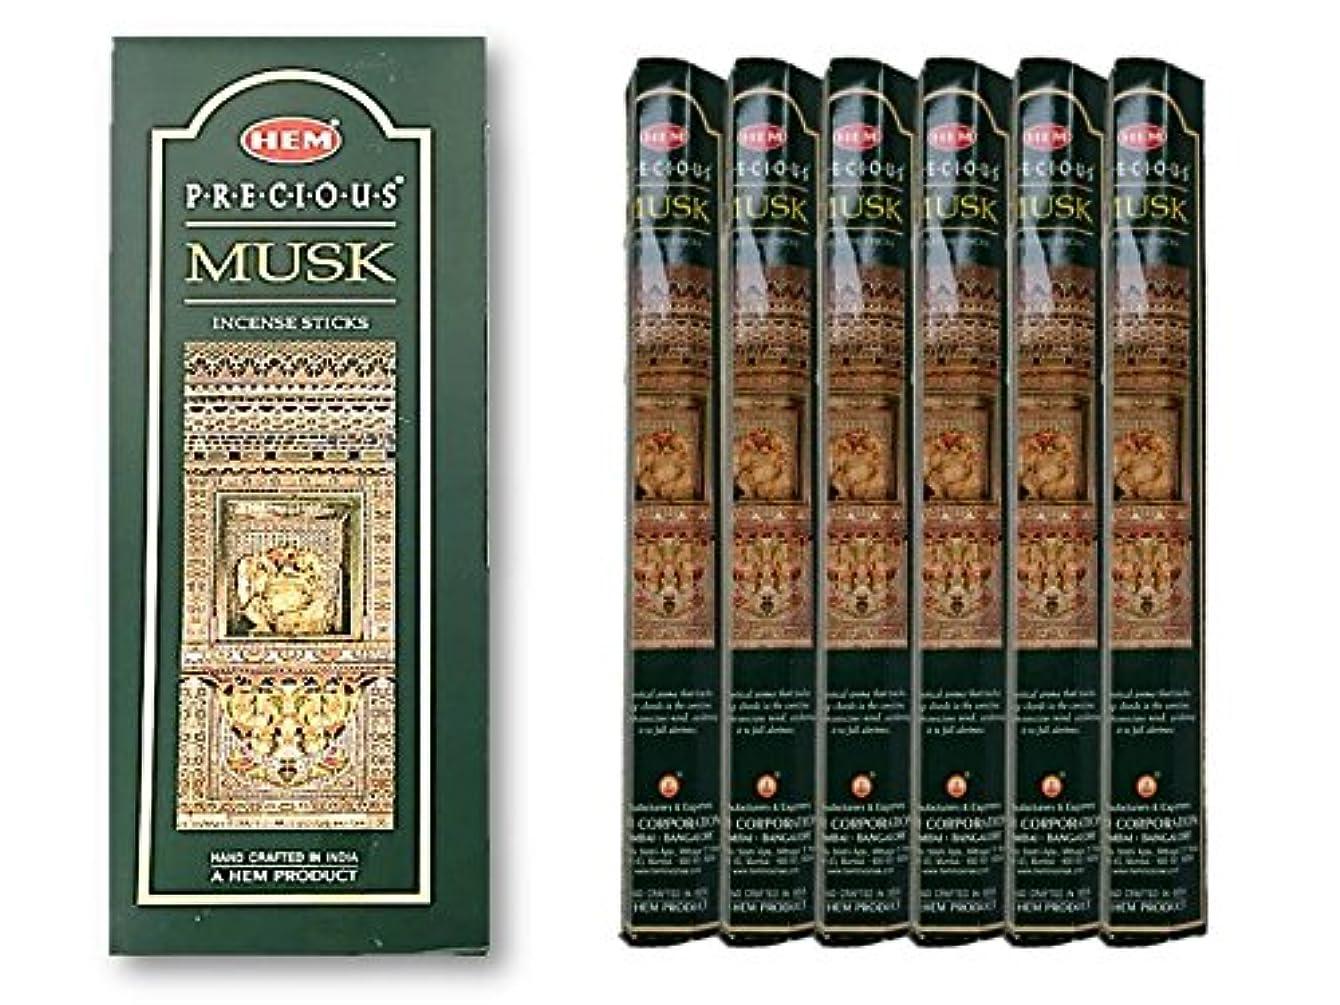 アブストラクト気配りのある先にHEM(ヘム) お香 プレシャス ムスク 1ケース(1箱20本×6)